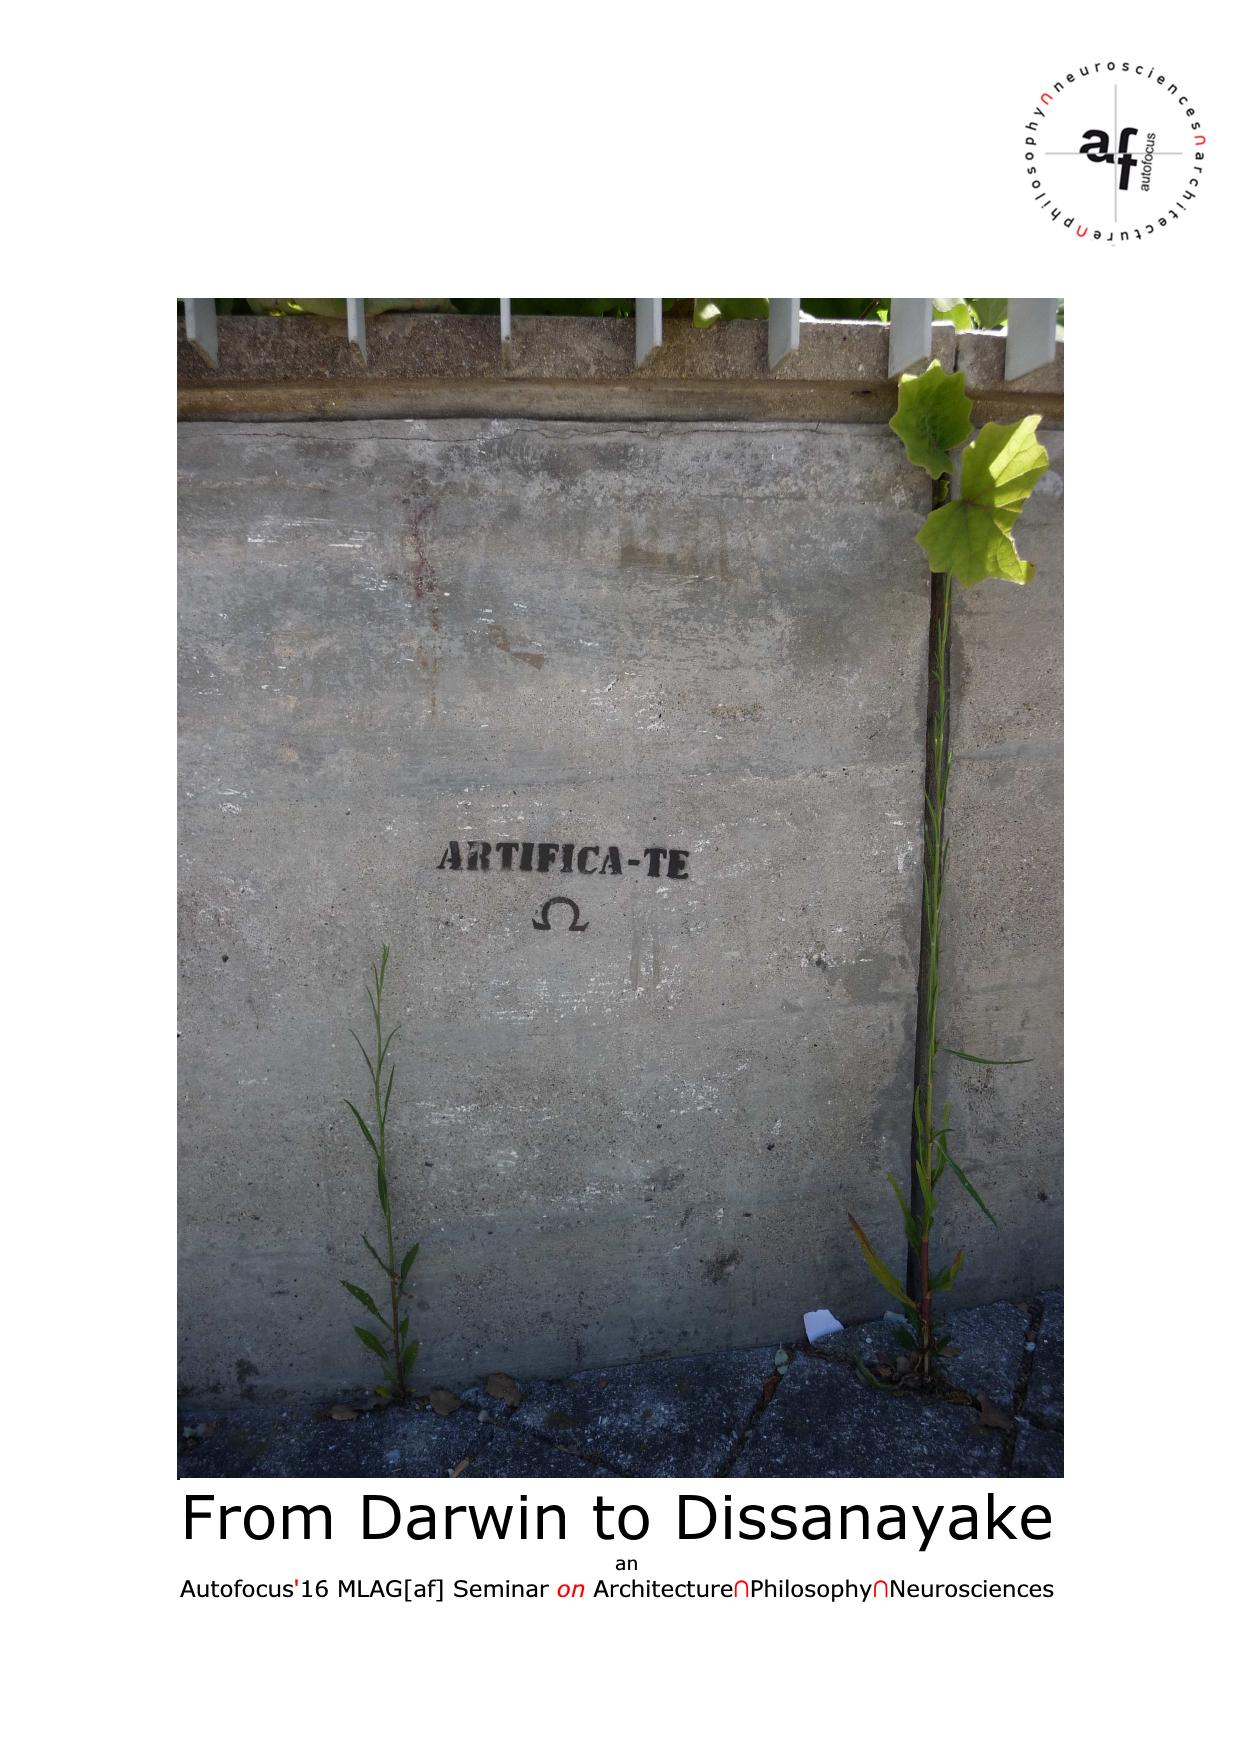 Autofocus'16